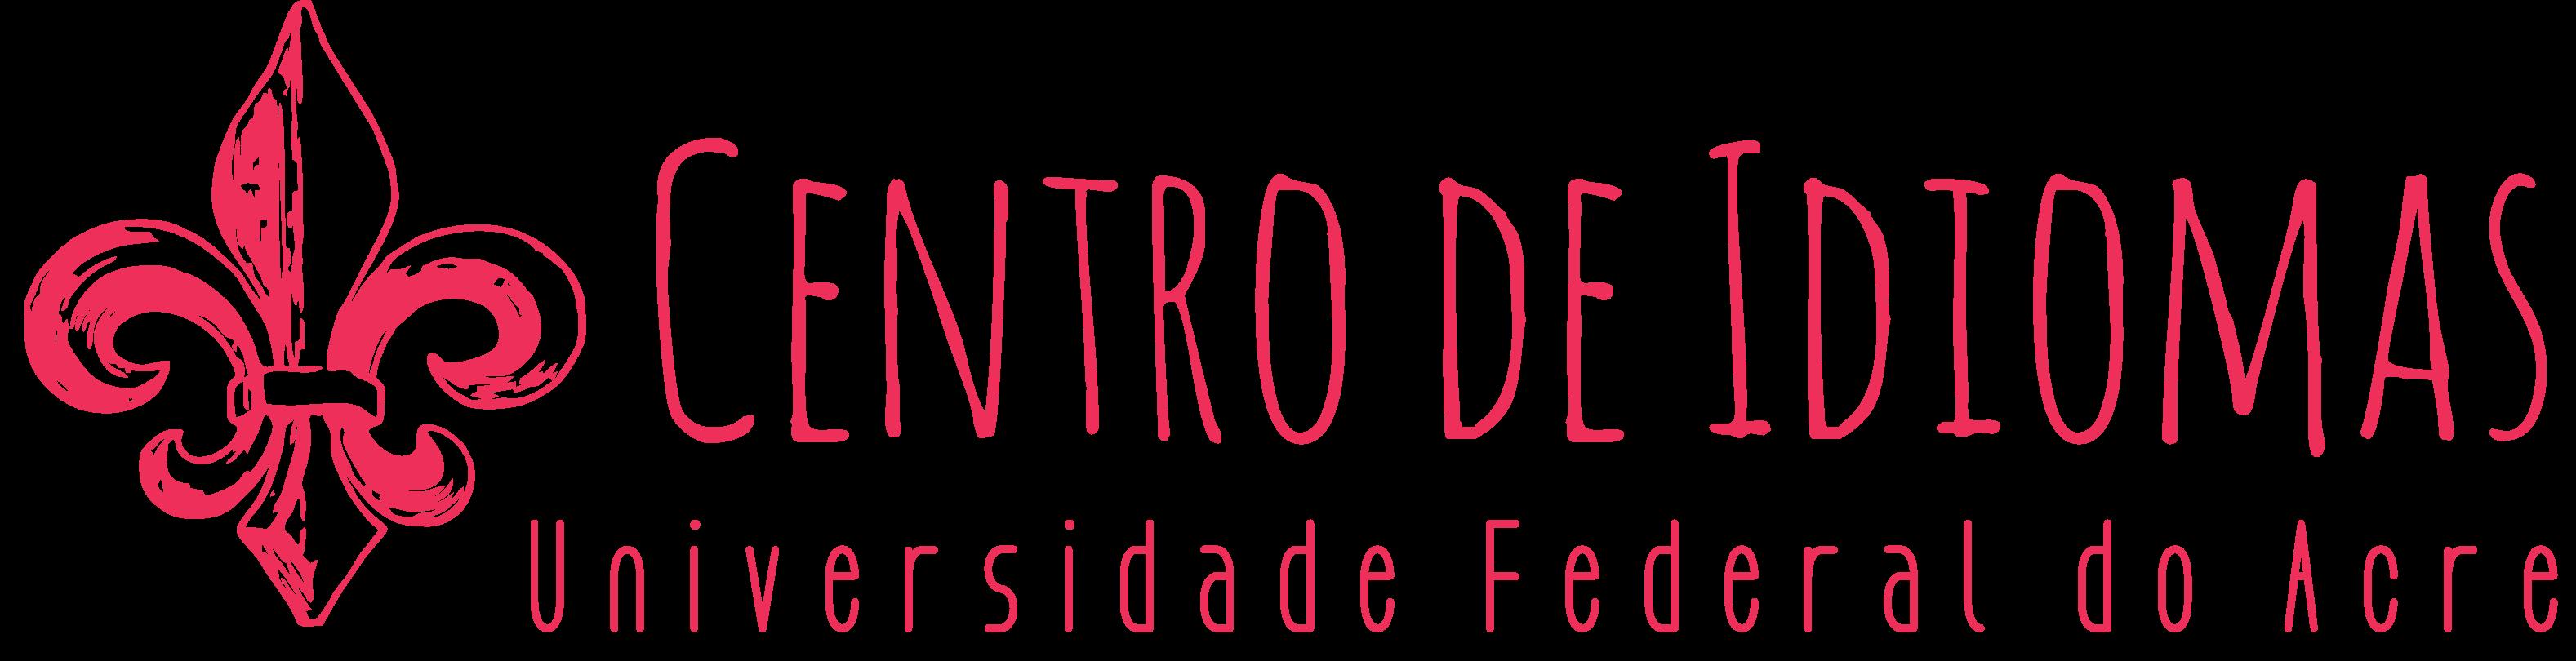 Centro de Idiomas da Ufac